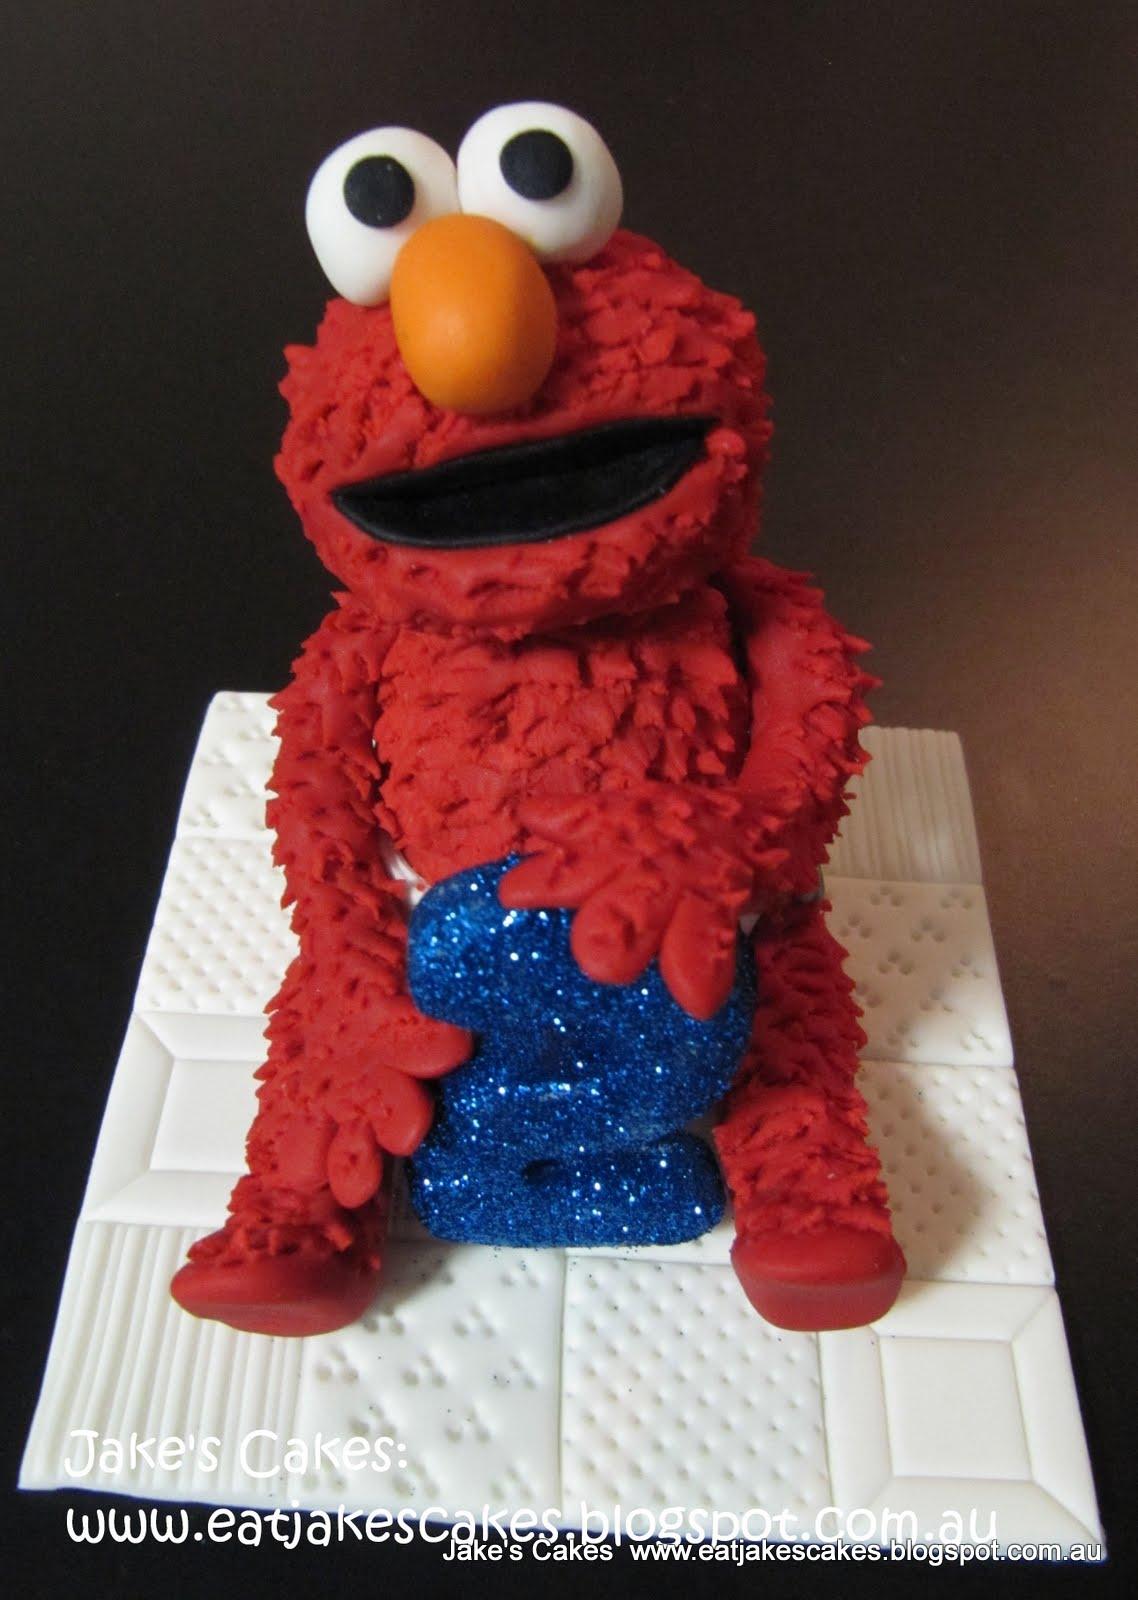 Jakes Cakes Fondant Elmo cake topper